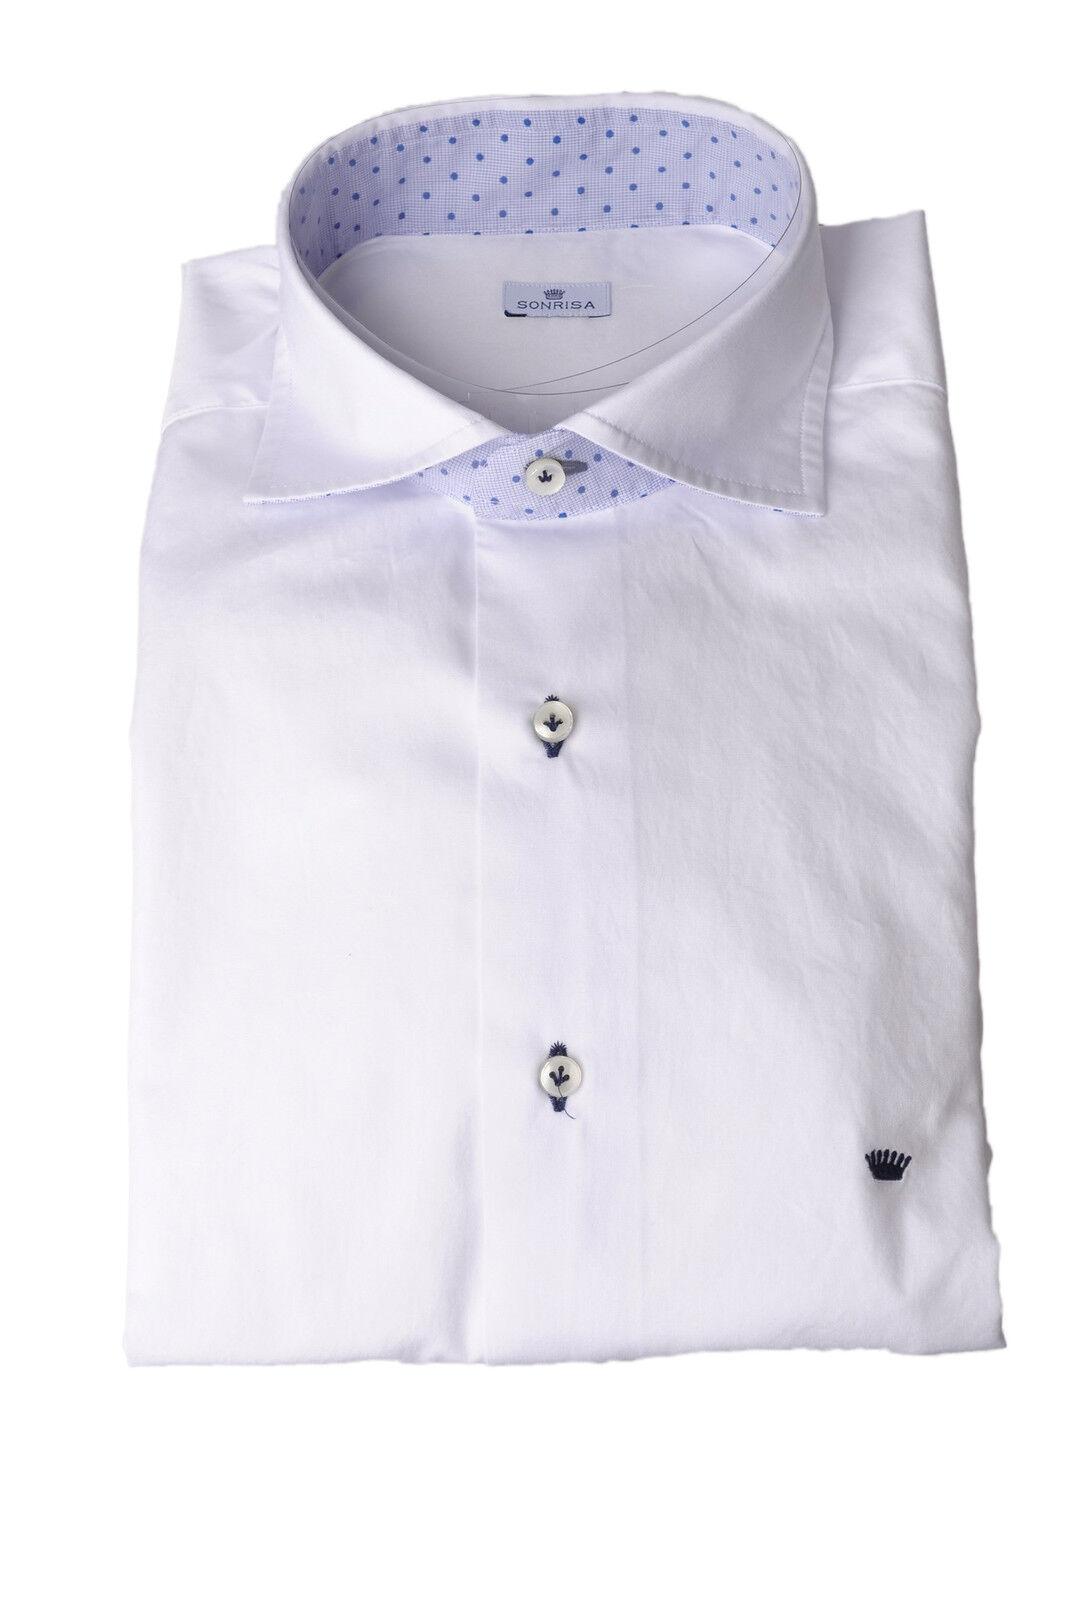 Sonrisa - T-shirts-Hemden-hals-frankreich - mann - Blau - 278908N184853